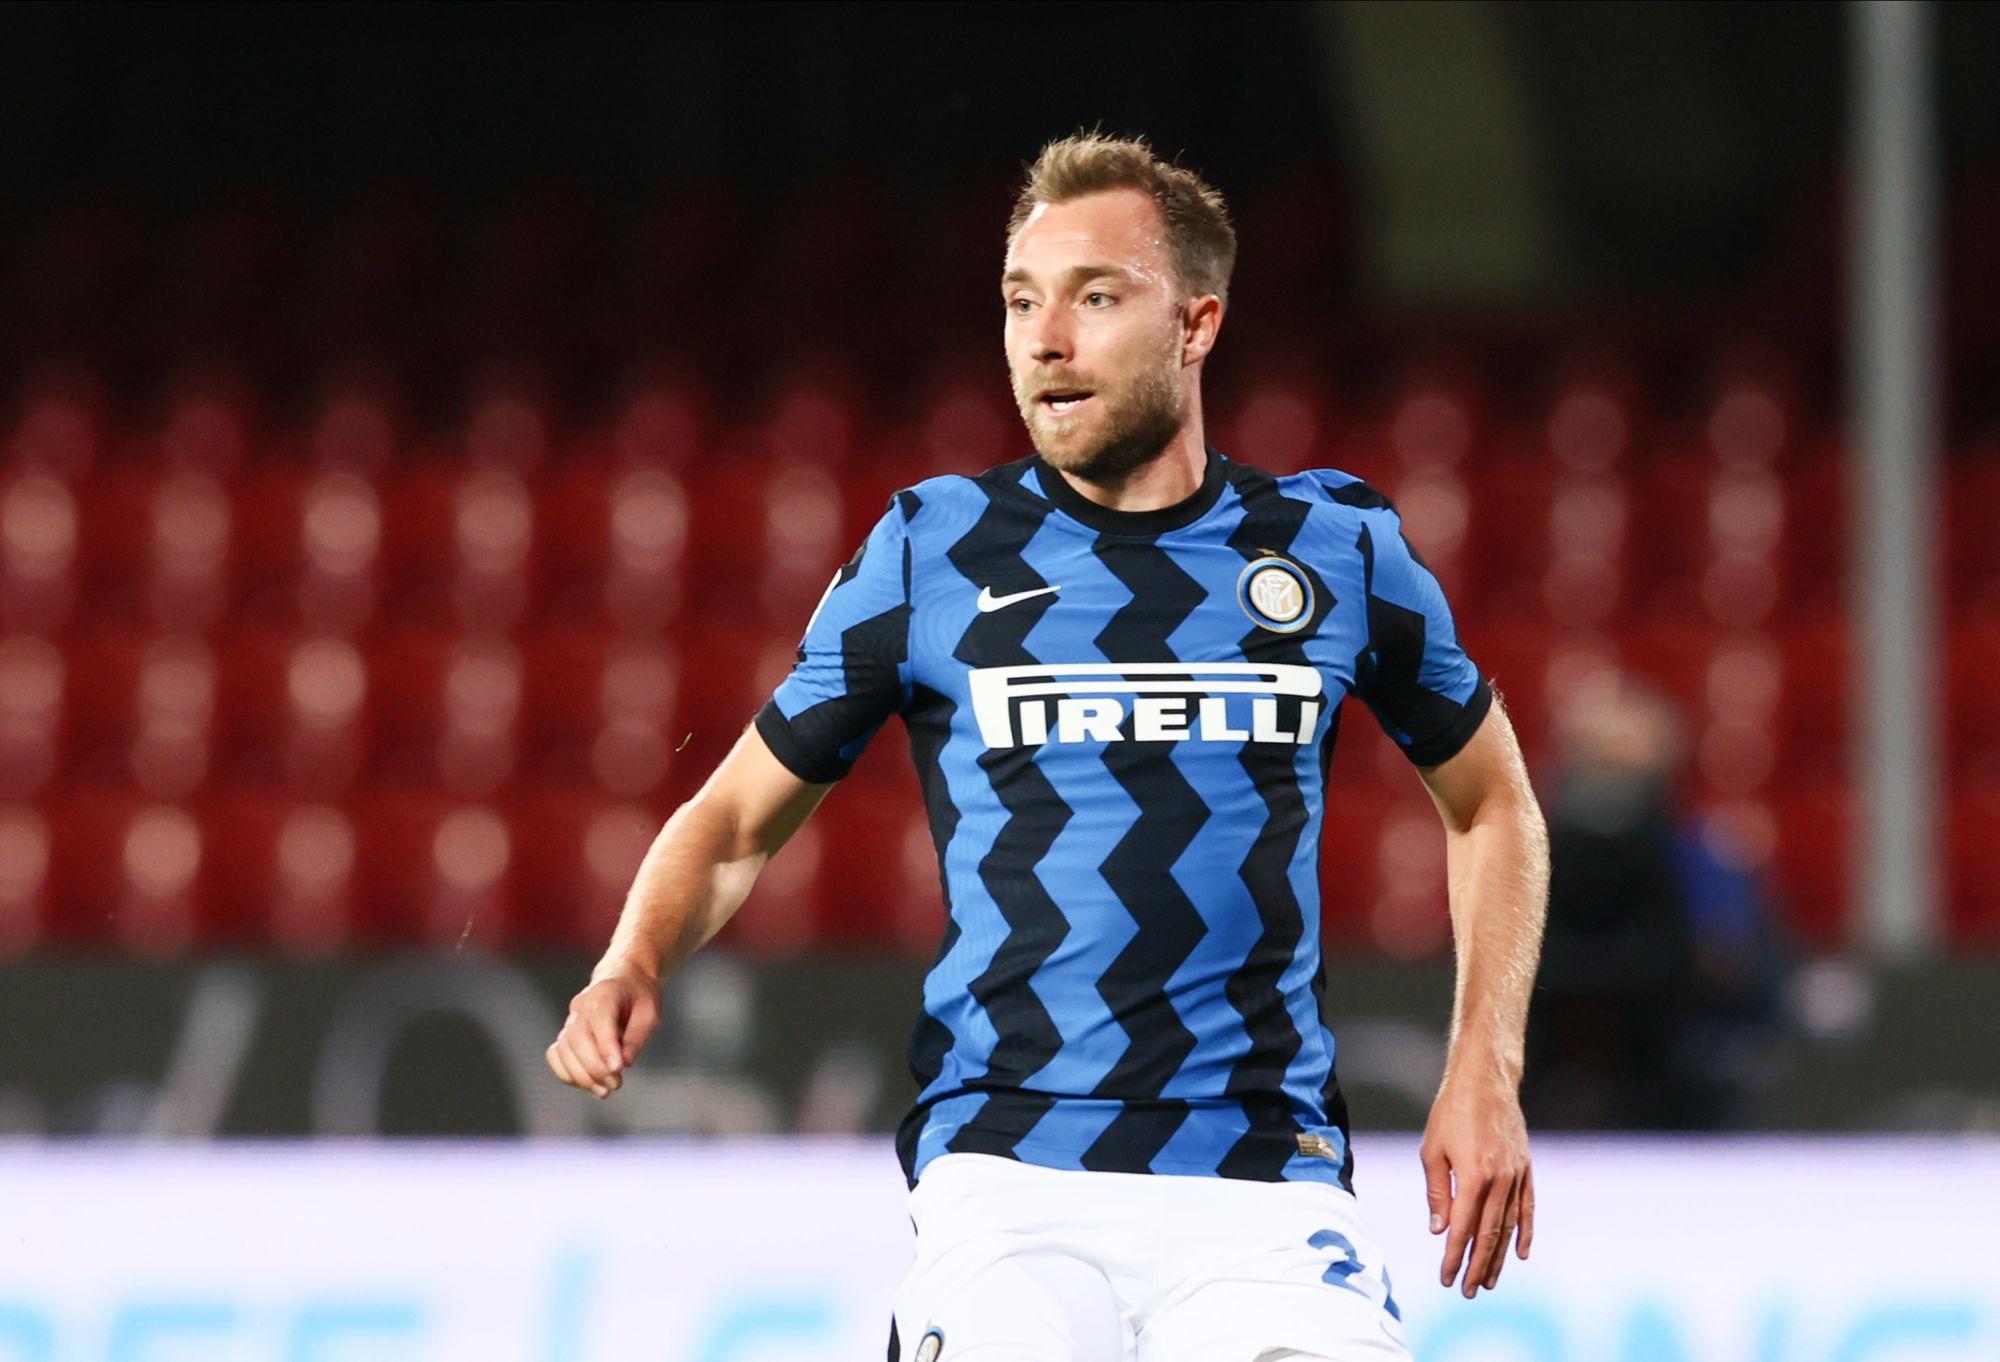 Mercato - L'Inter Milan confirme qu'Eriksen, évoqué au PSG, est à vendre